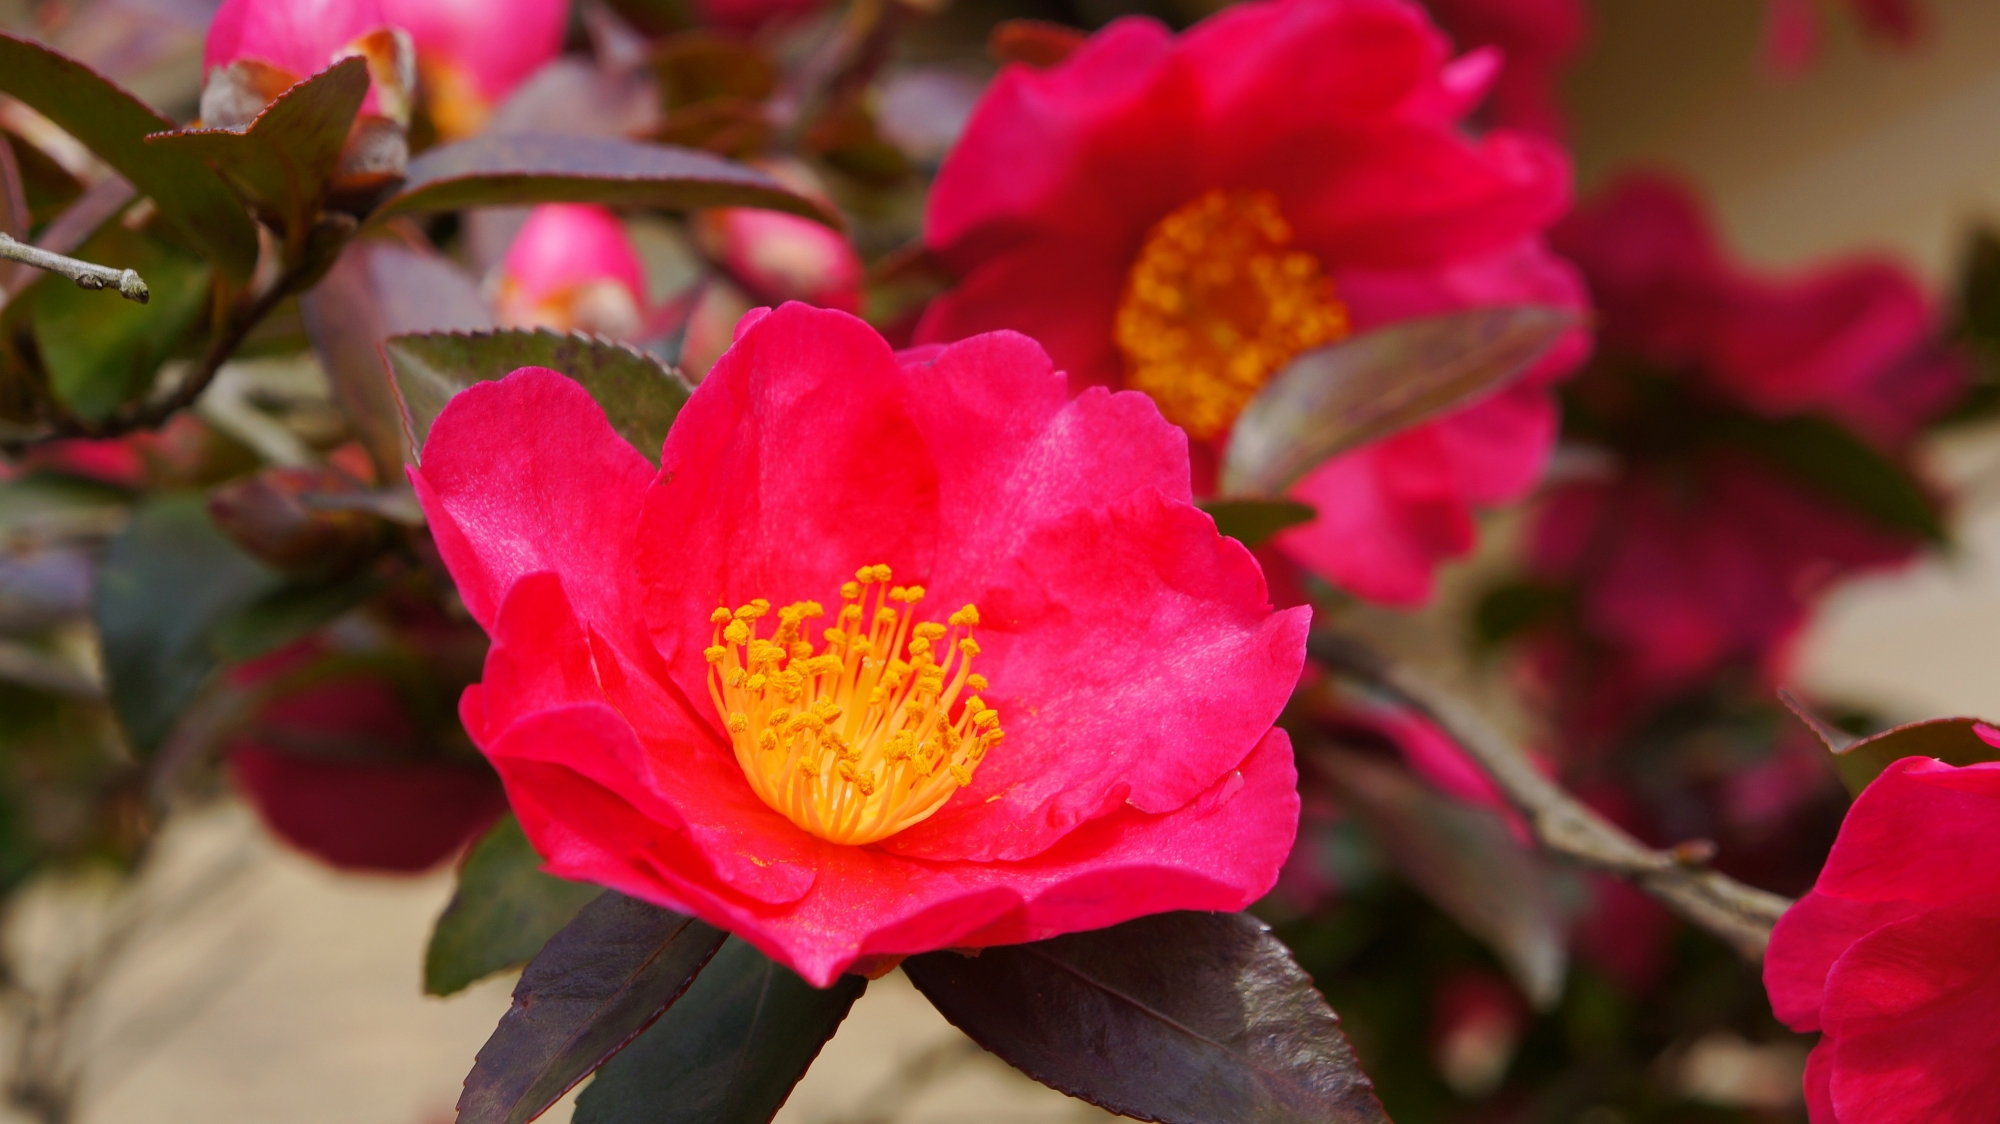 寒い冬を鮮やかに彩る天龍寺の見事な山茶花